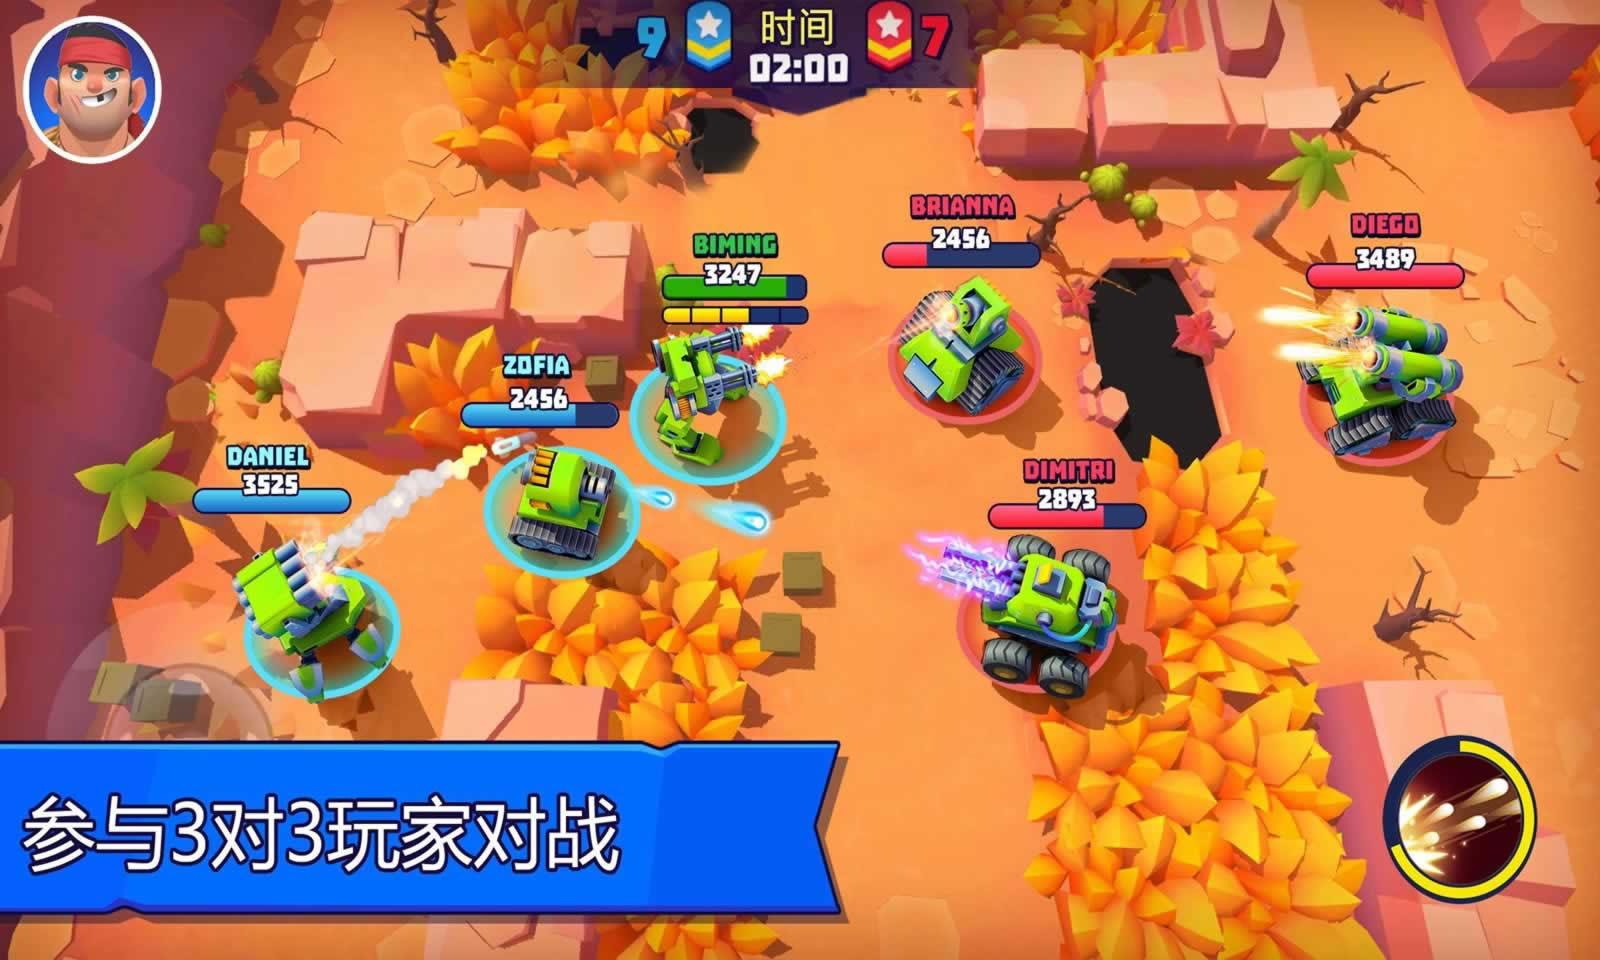 多人坦克对战无限弹药版游戏截图